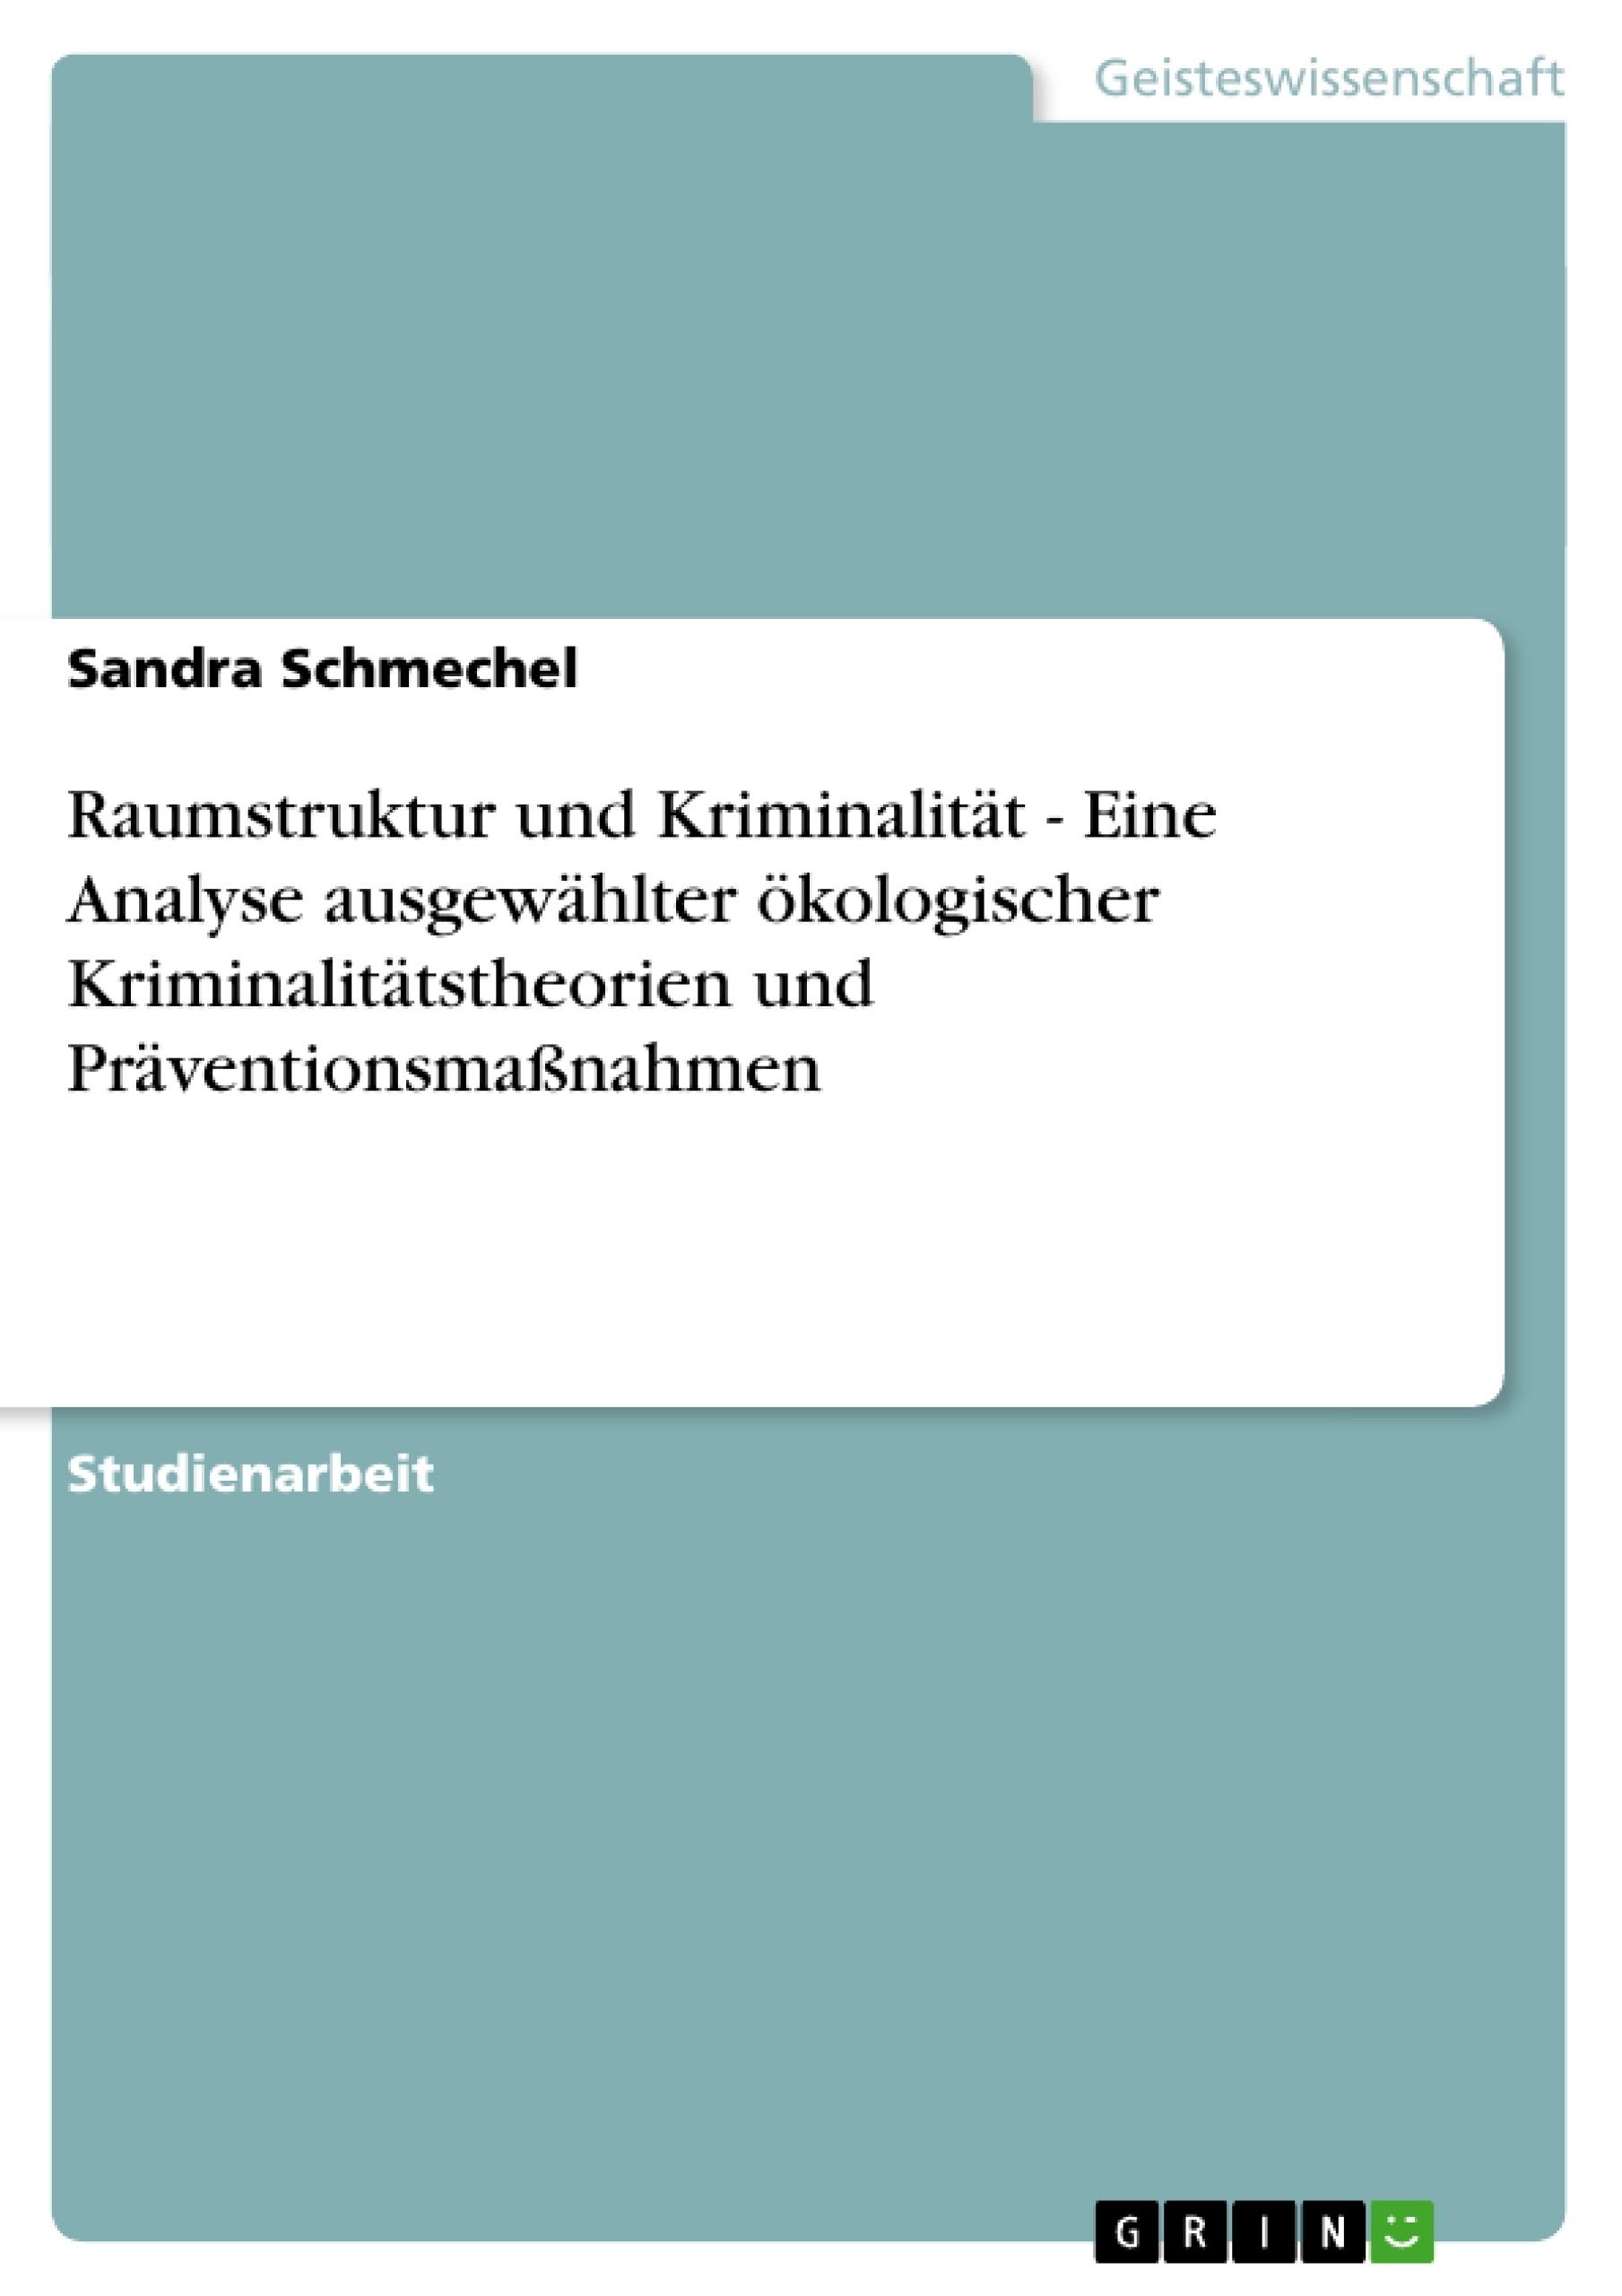 Titel: Raumstruktur und Kriminalität - Eine Analyse ausgewählter ökologischer Kriminalitätstheorien und Präventionsmaßnahmen